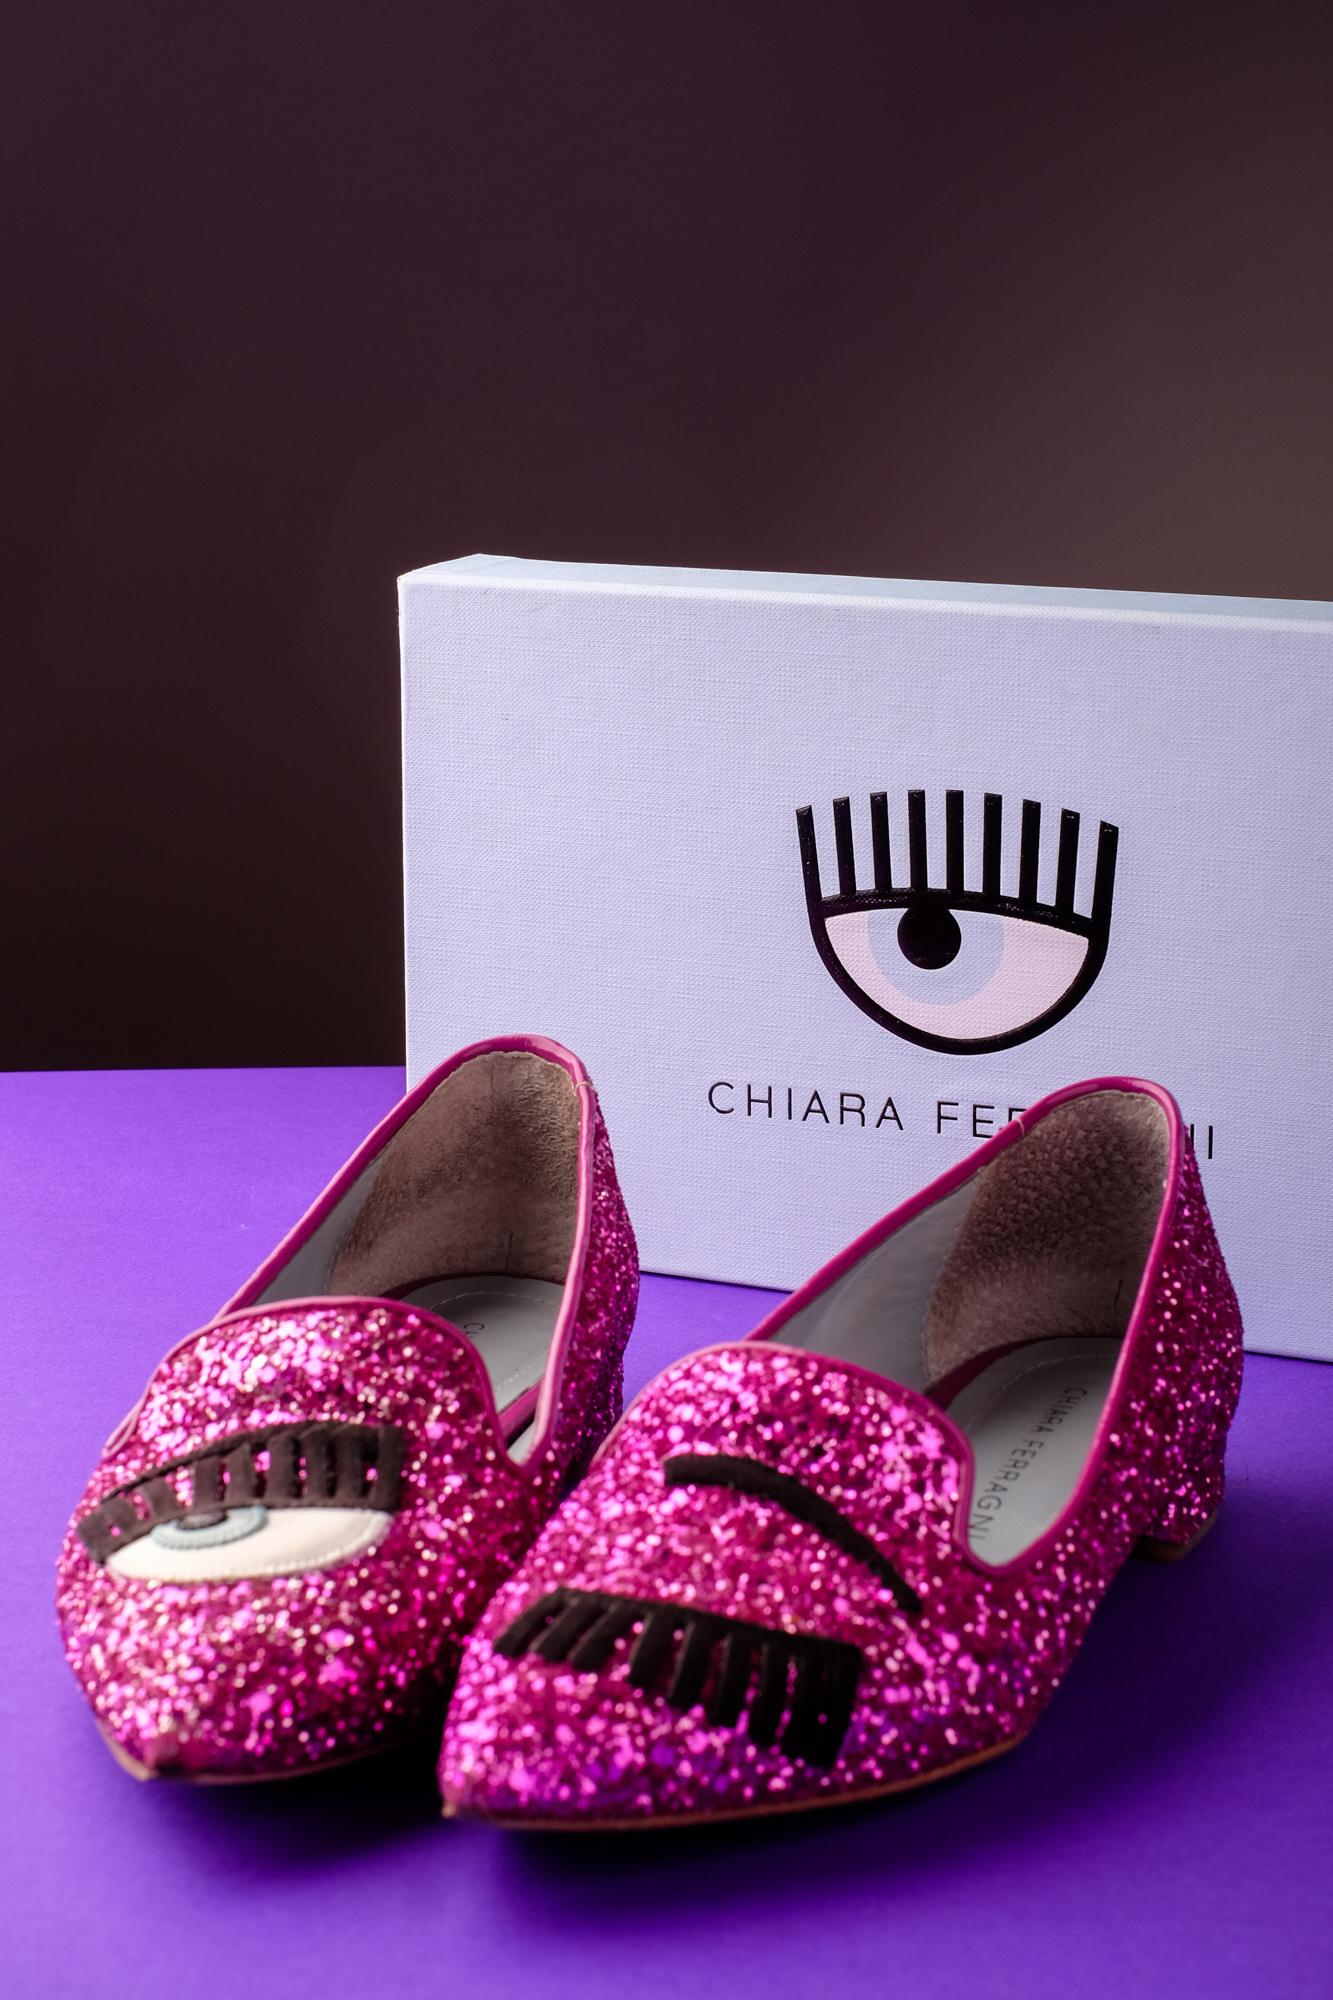 Chiara_slippers-4